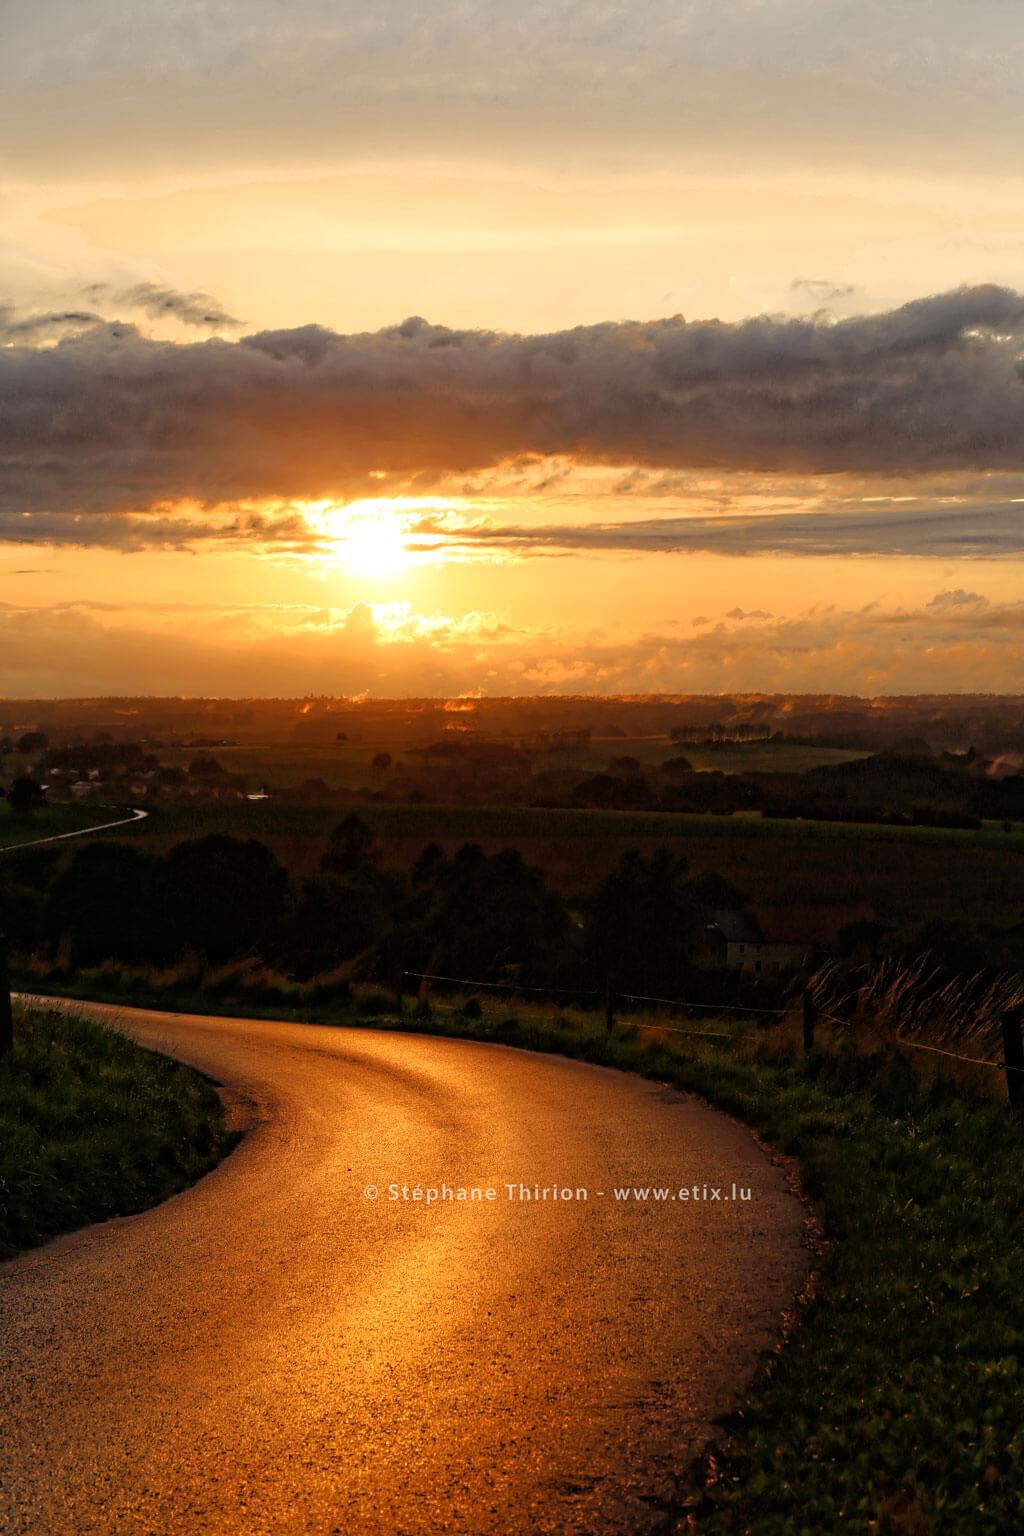 Coucher de soleil et reflet sur la route par Stéphane Thirion Gaume